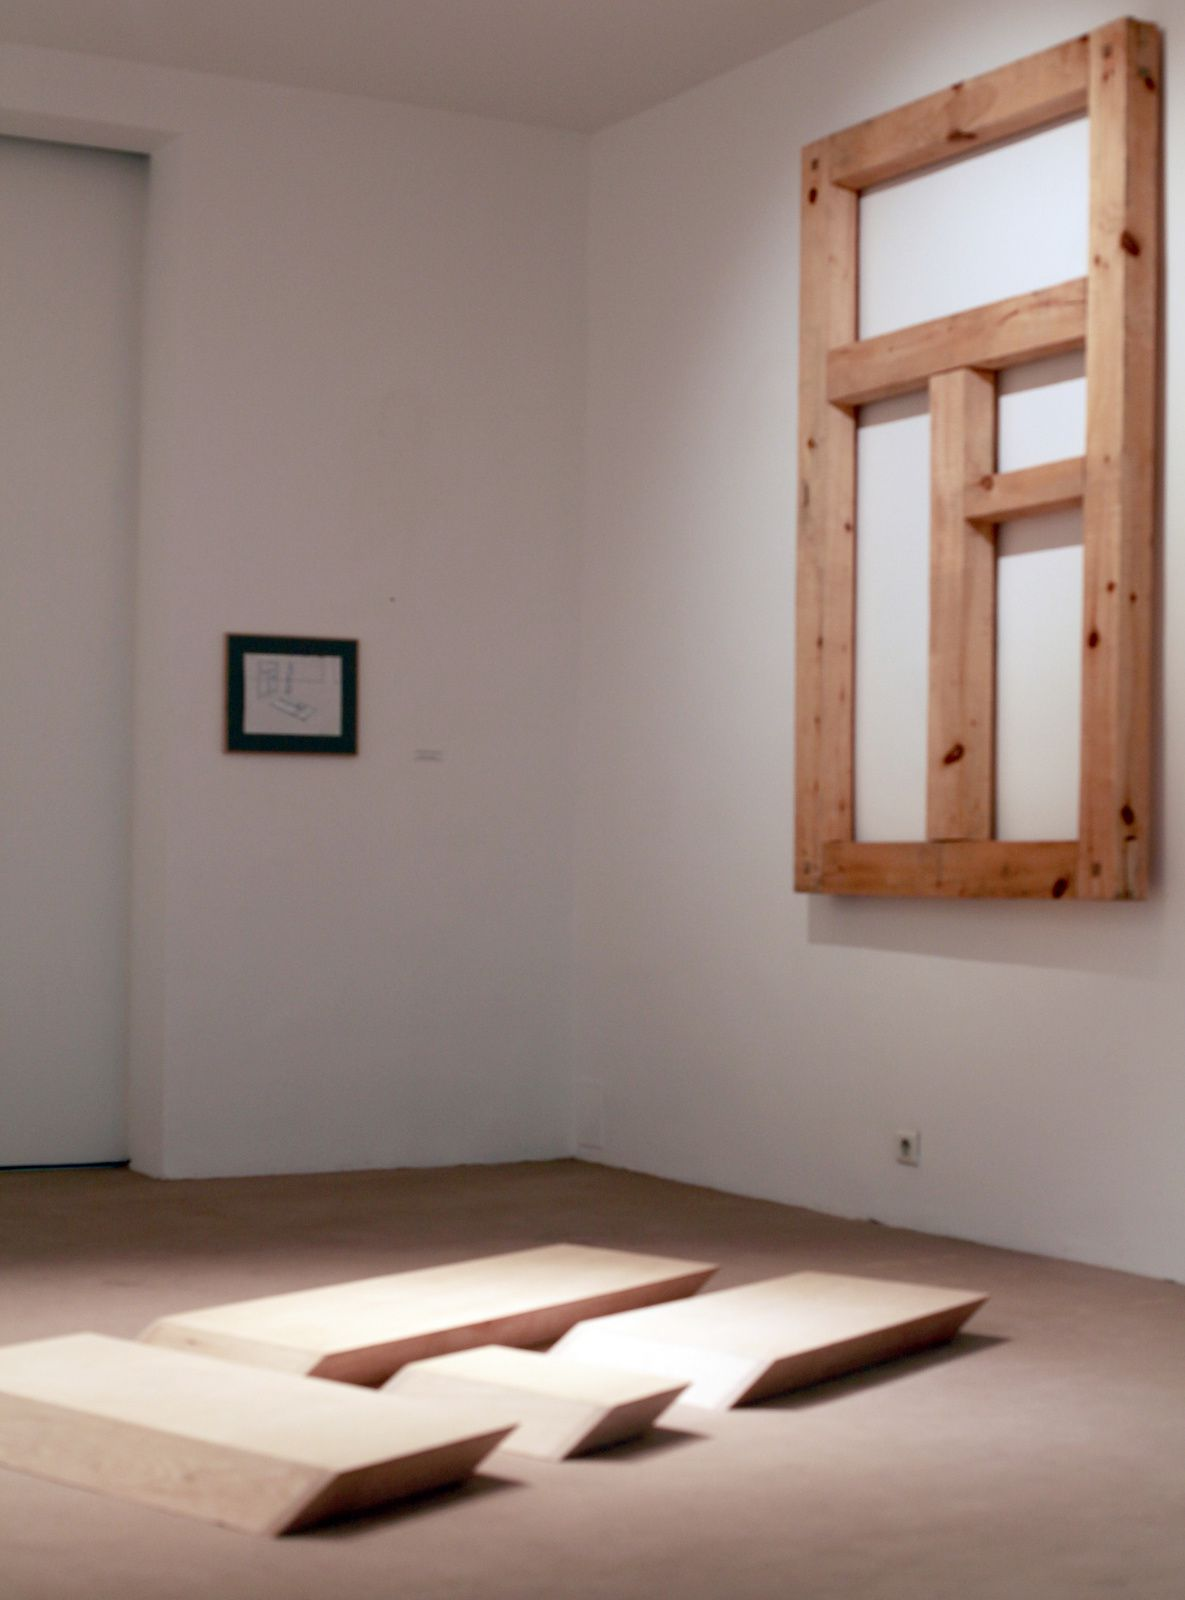 """""""Lumière venant de la fenêtre"""", 2014 de Leonid Sokov - Courtesy Galerie Vallois © Photo Éric Simon"""